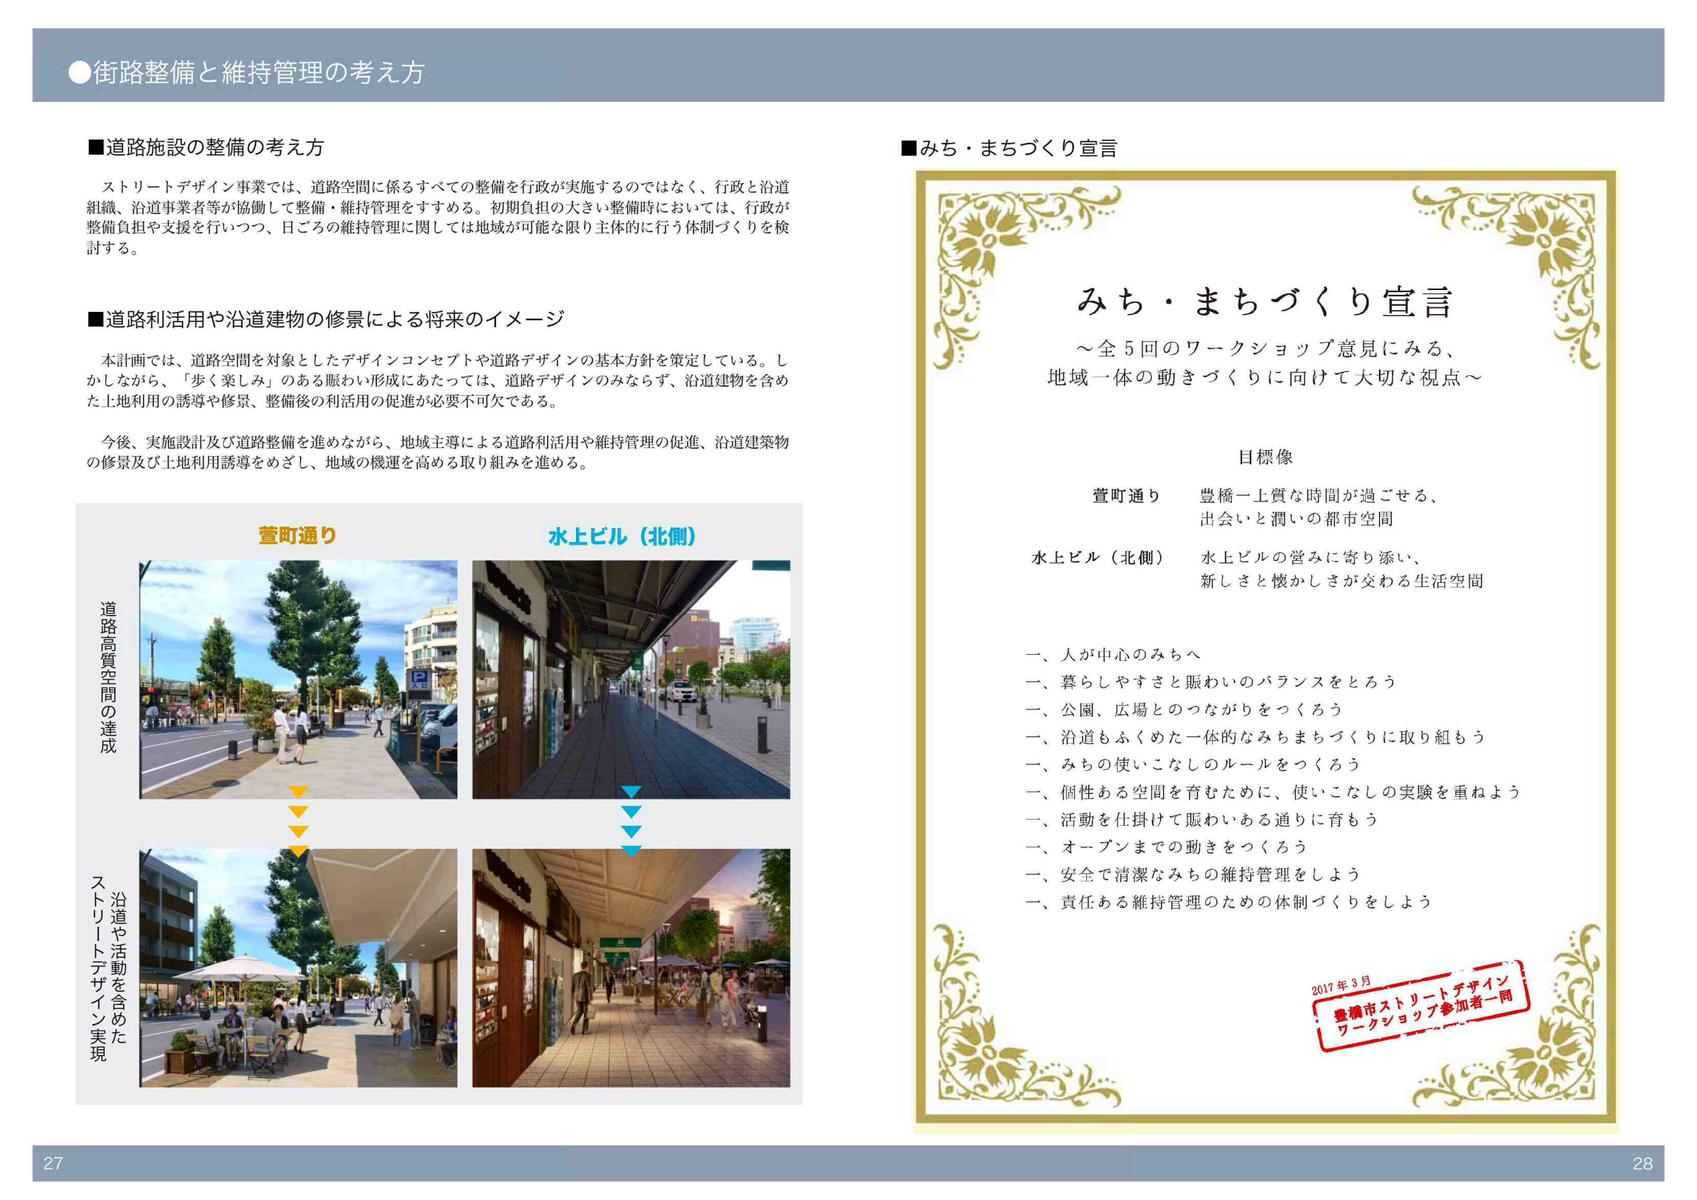 190108_kihon_keikaku_15